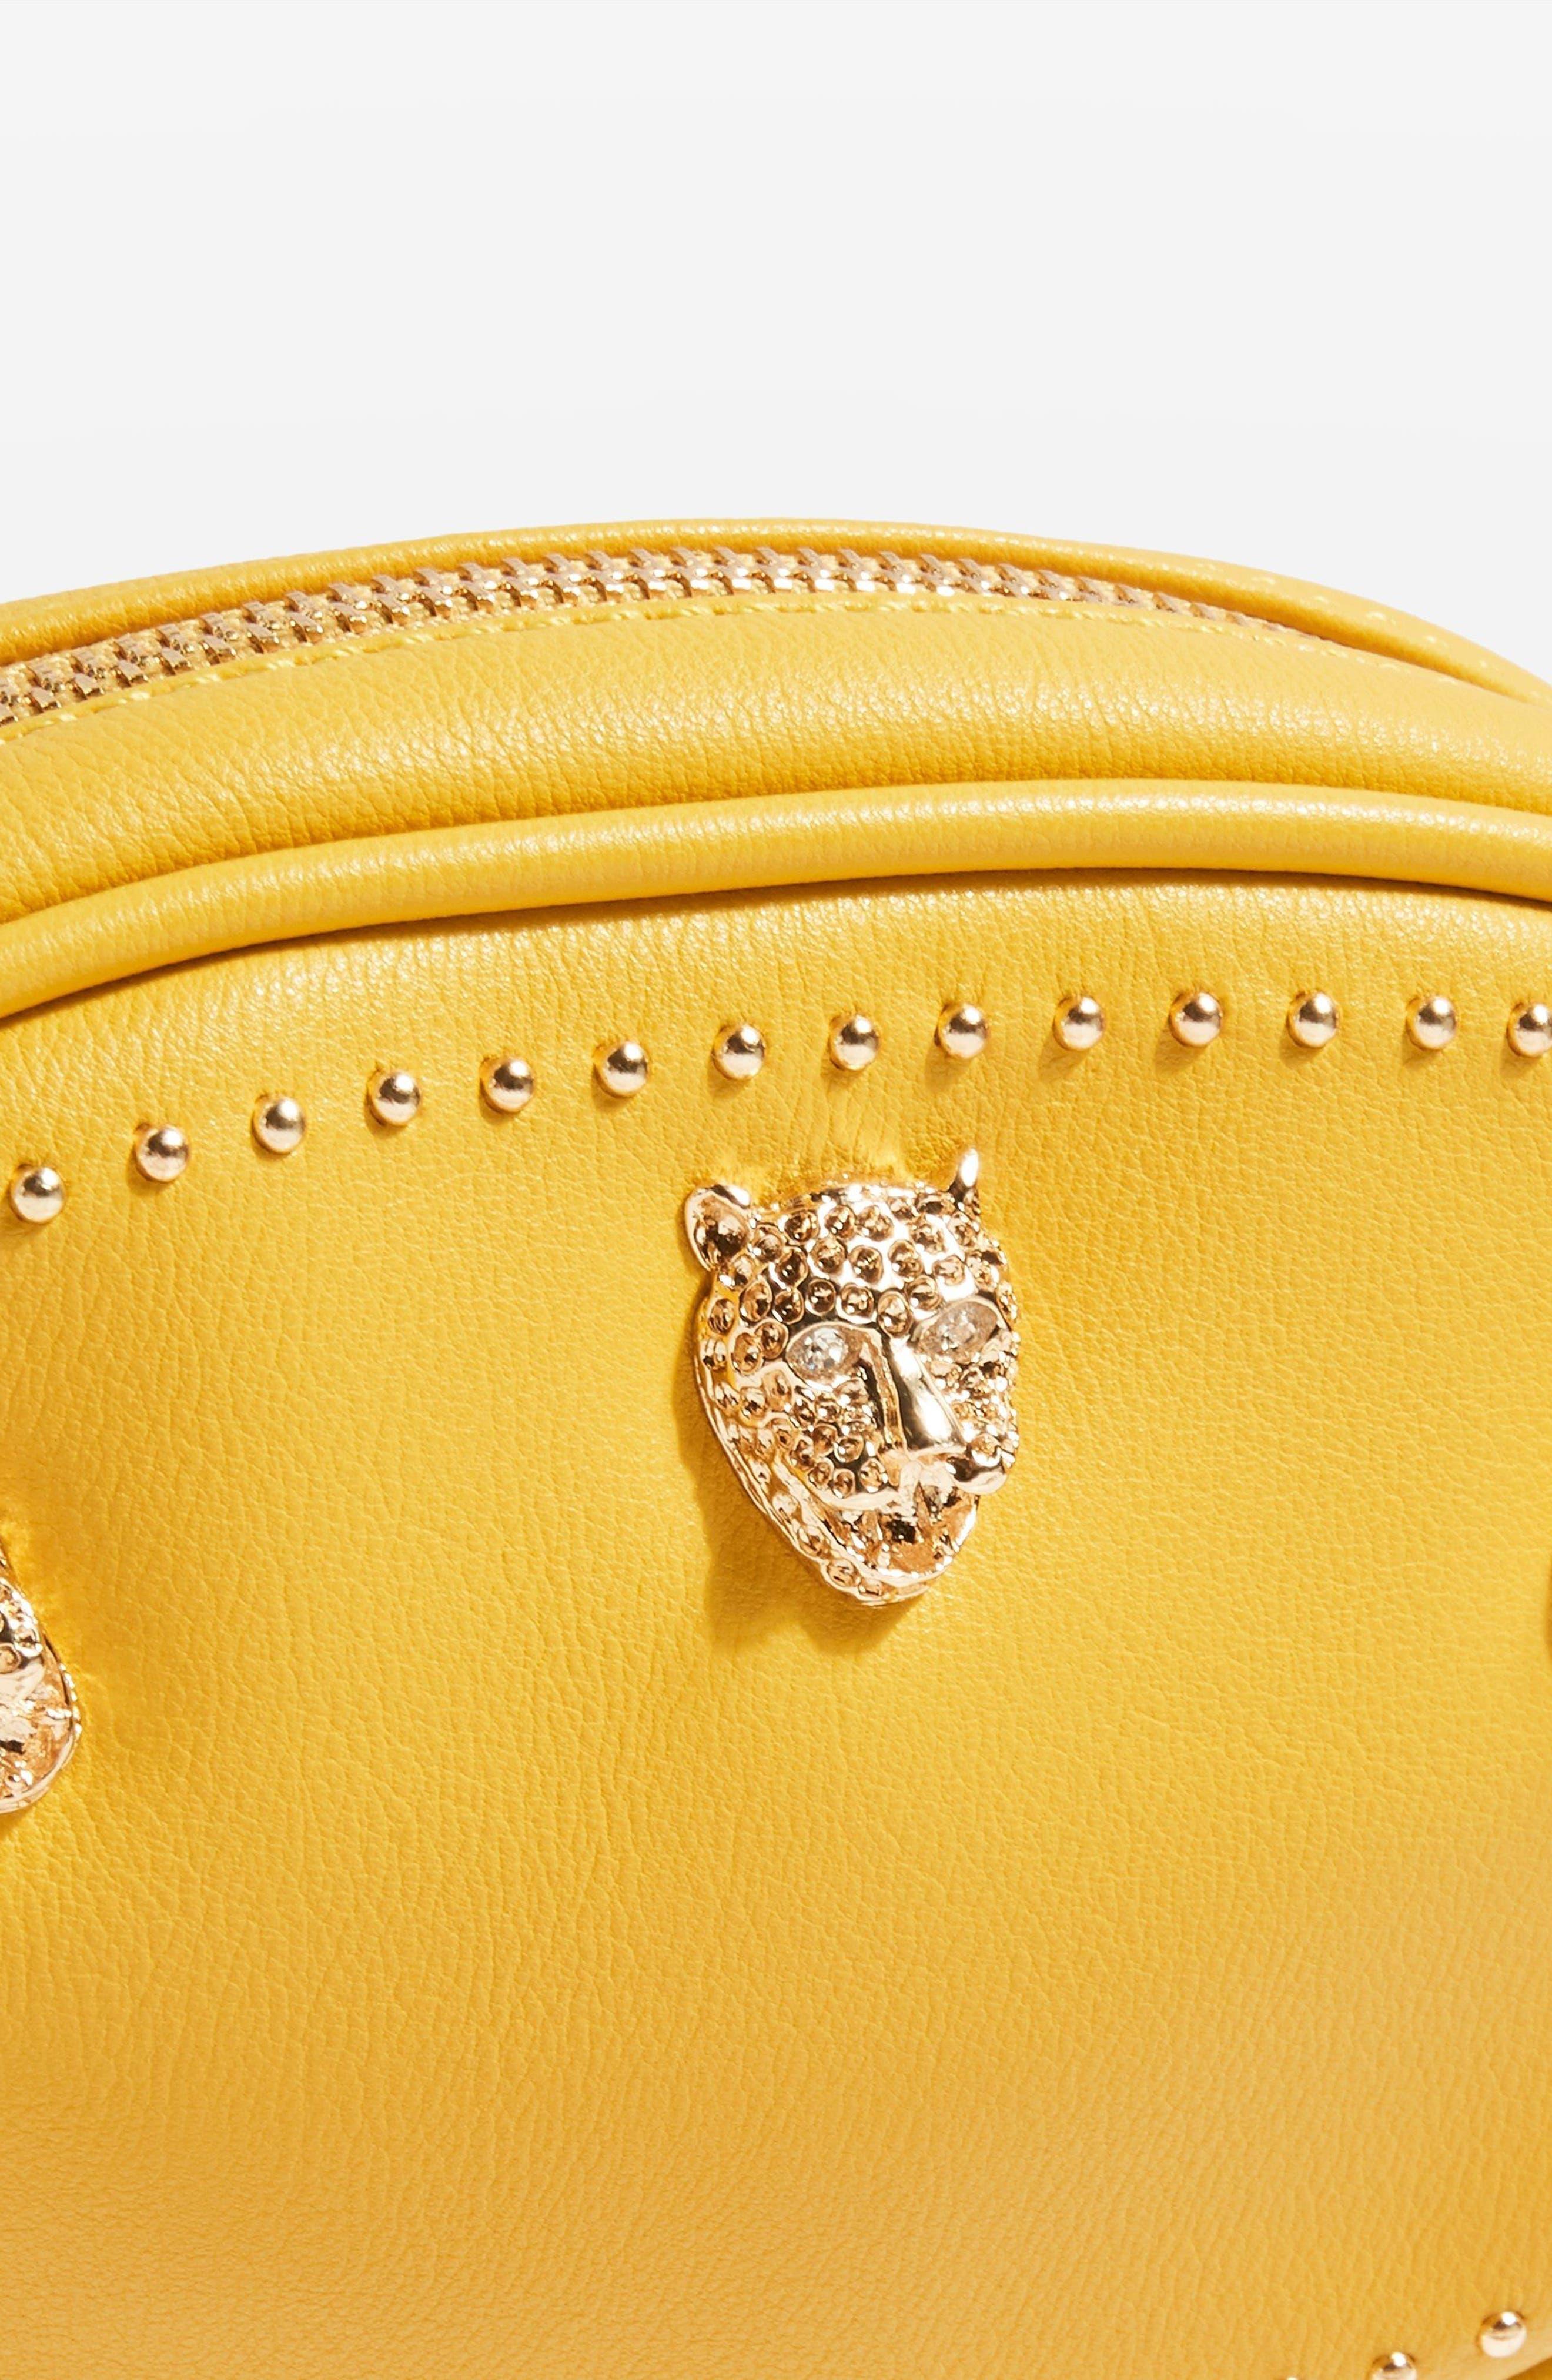 Panther Bum Bag,                             Alternate thumbnail 6, color,                             Yellow